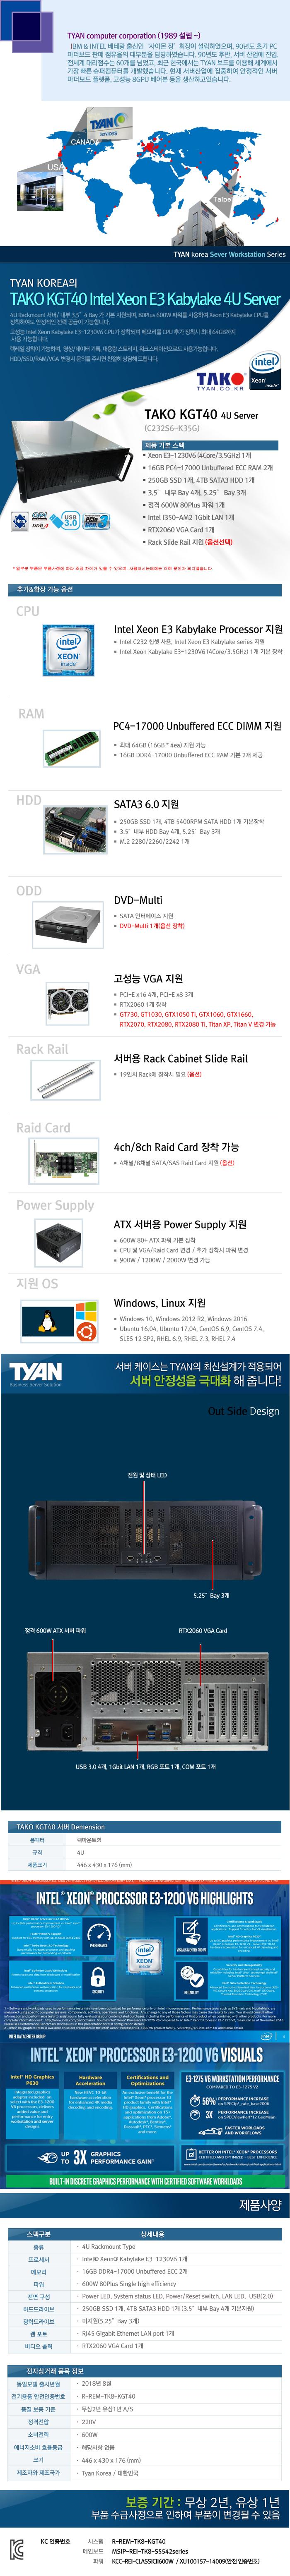 TYAN  TAKO-KGT40-(C232S6-K35G)-RTX2060(32GB, SSD 250GB + 4TB)